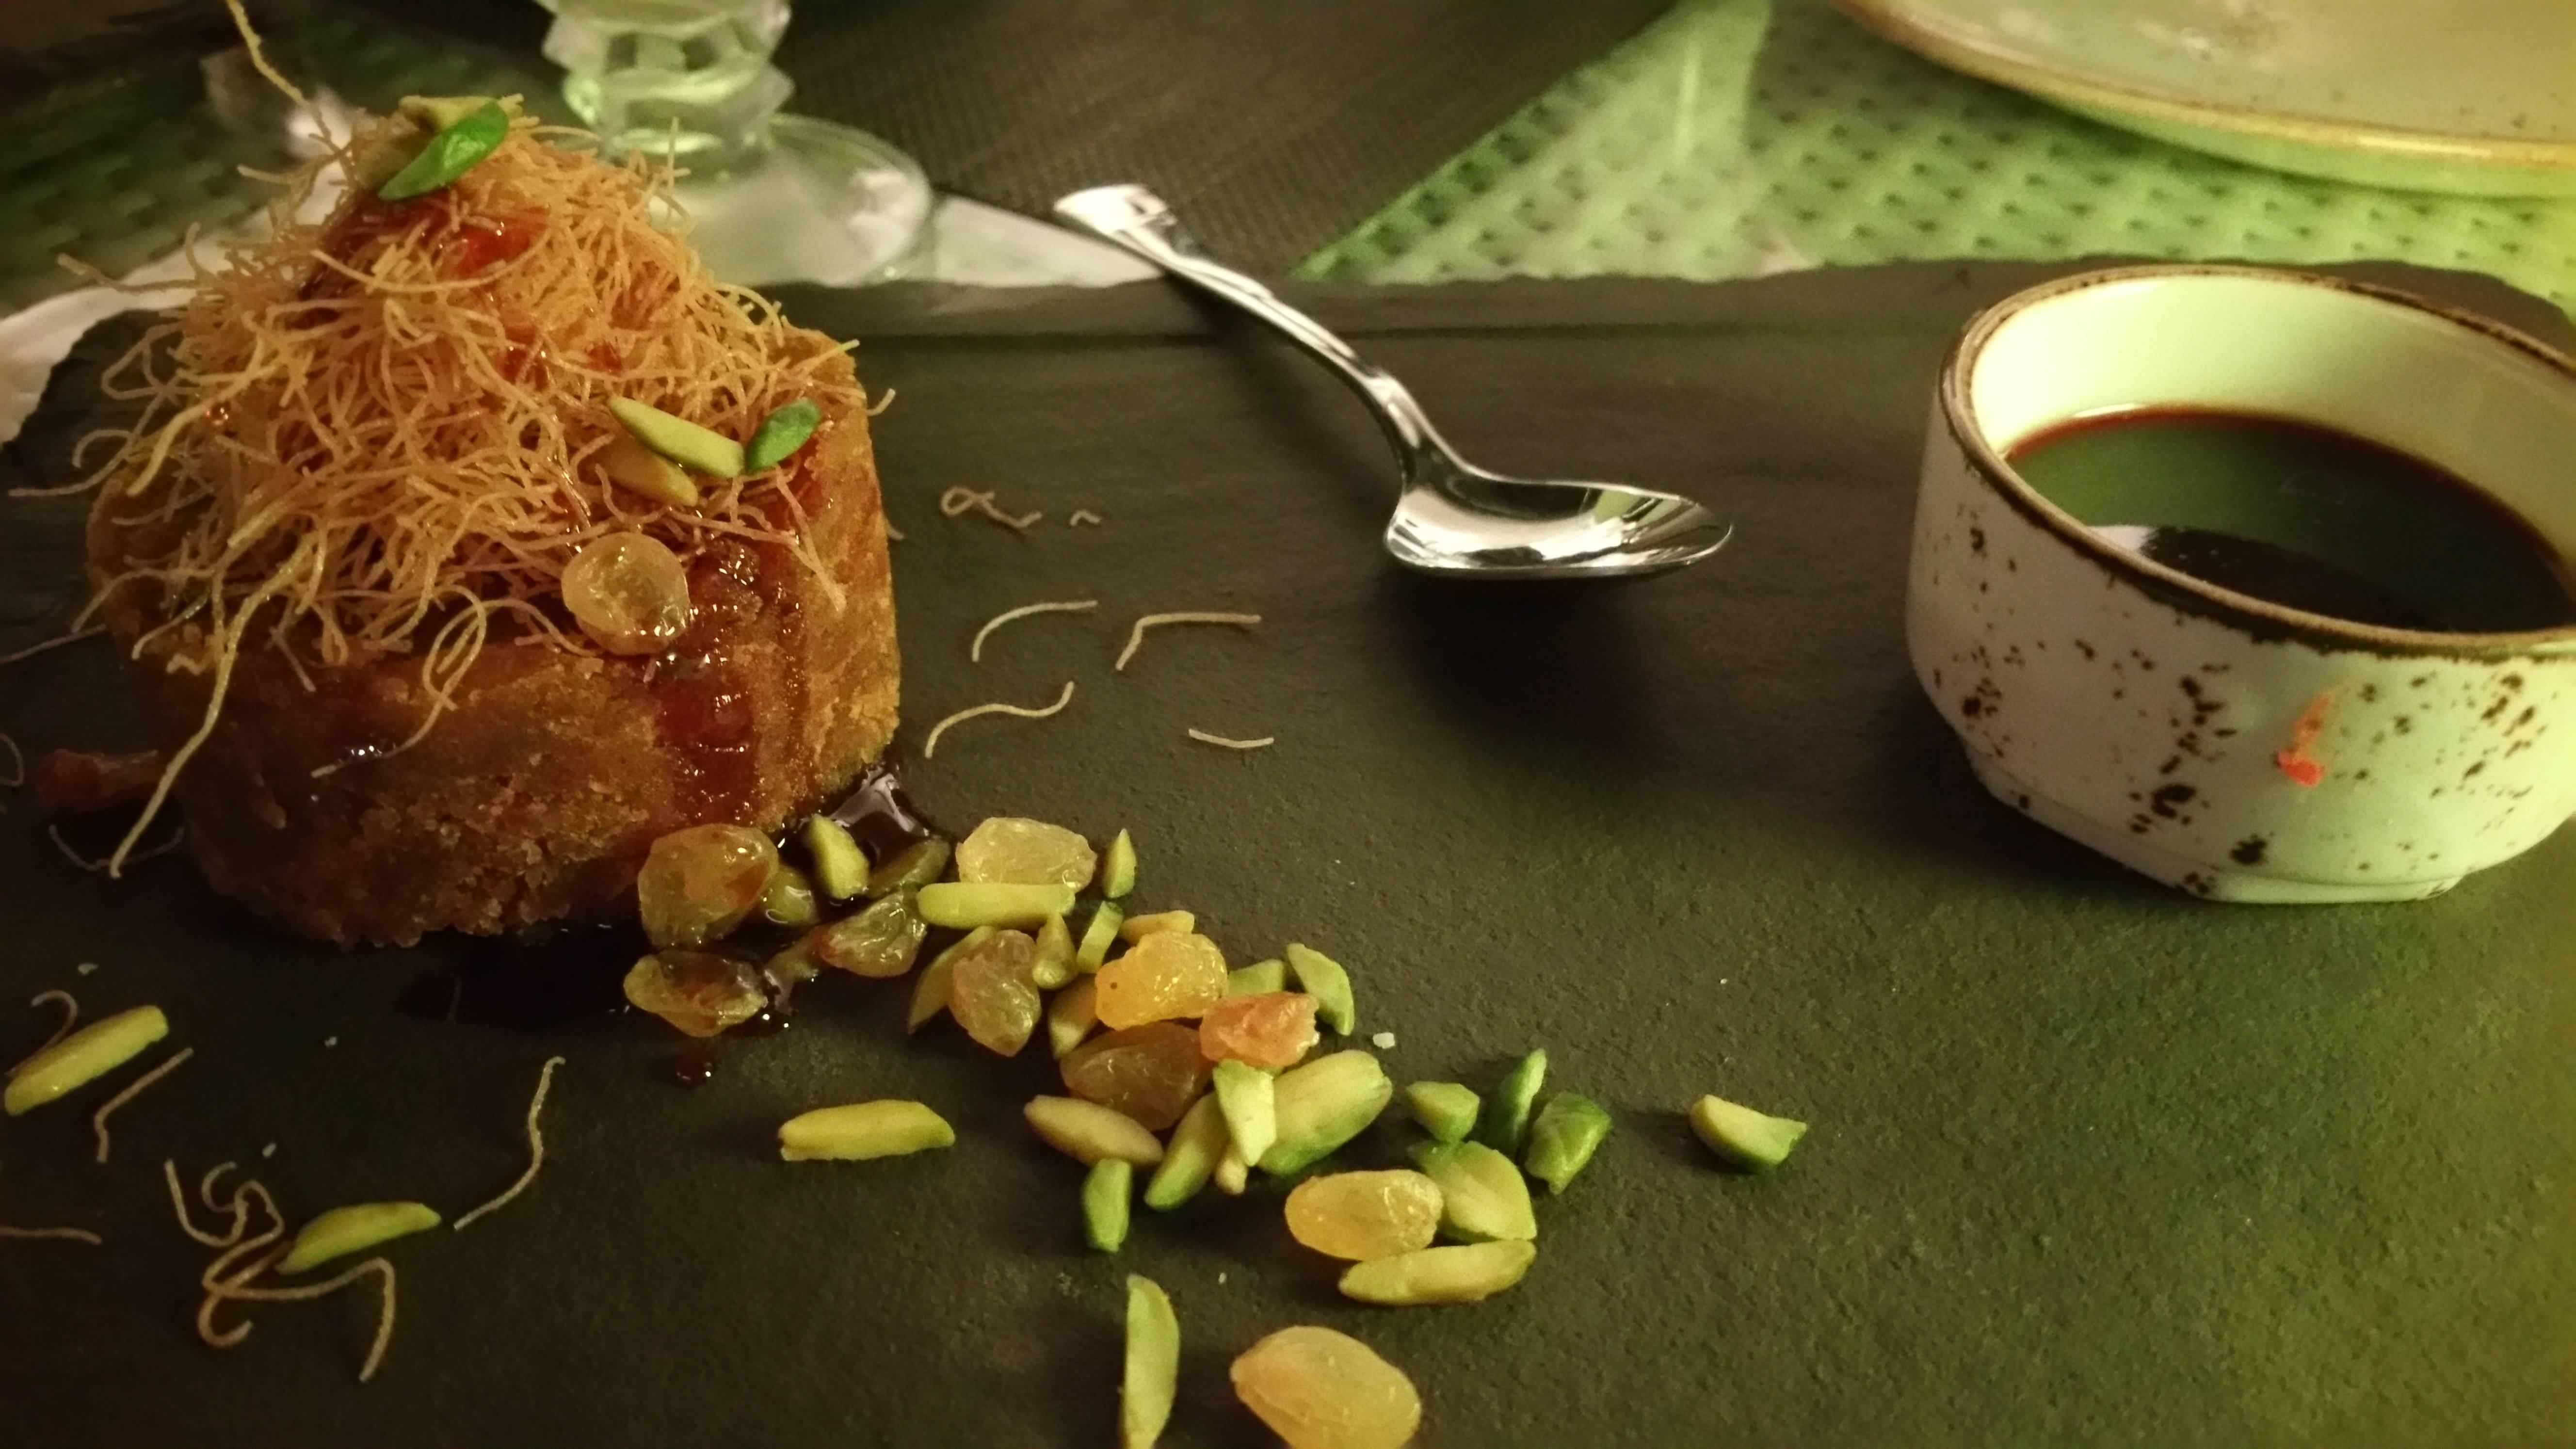 مطعم ومقهى الرمال السبعة يقدم المطبخ الإماراتي الحديث في دبي